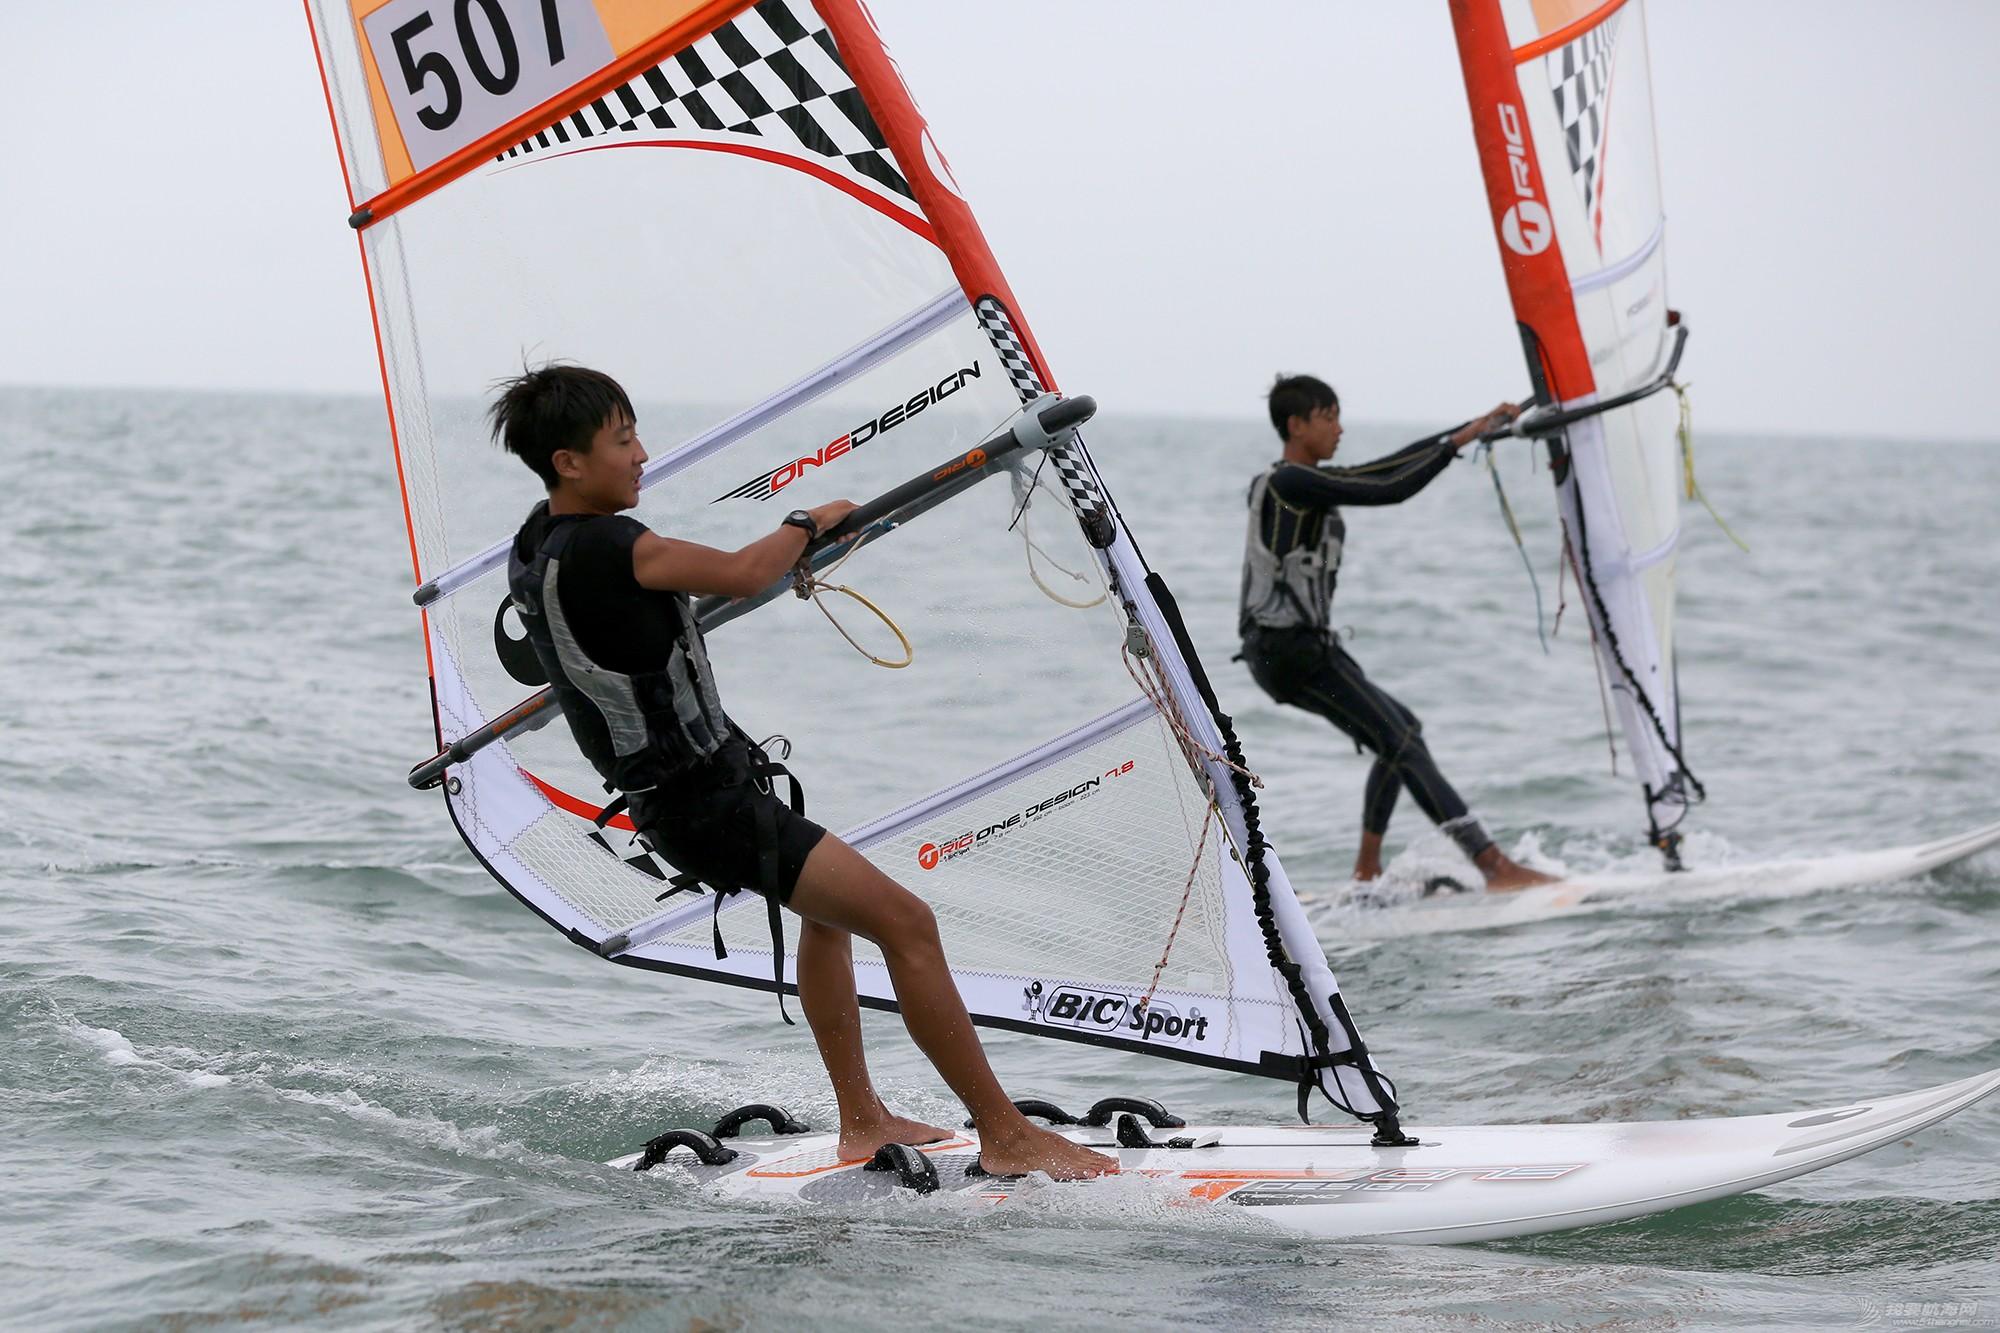 山东省,运动员,冠军赛,天气,帆板 风生水起,怎奈个个都是浪里白条——山东省帆船帆板冠军赛第二天赛况 5V8A2309副本.jpg